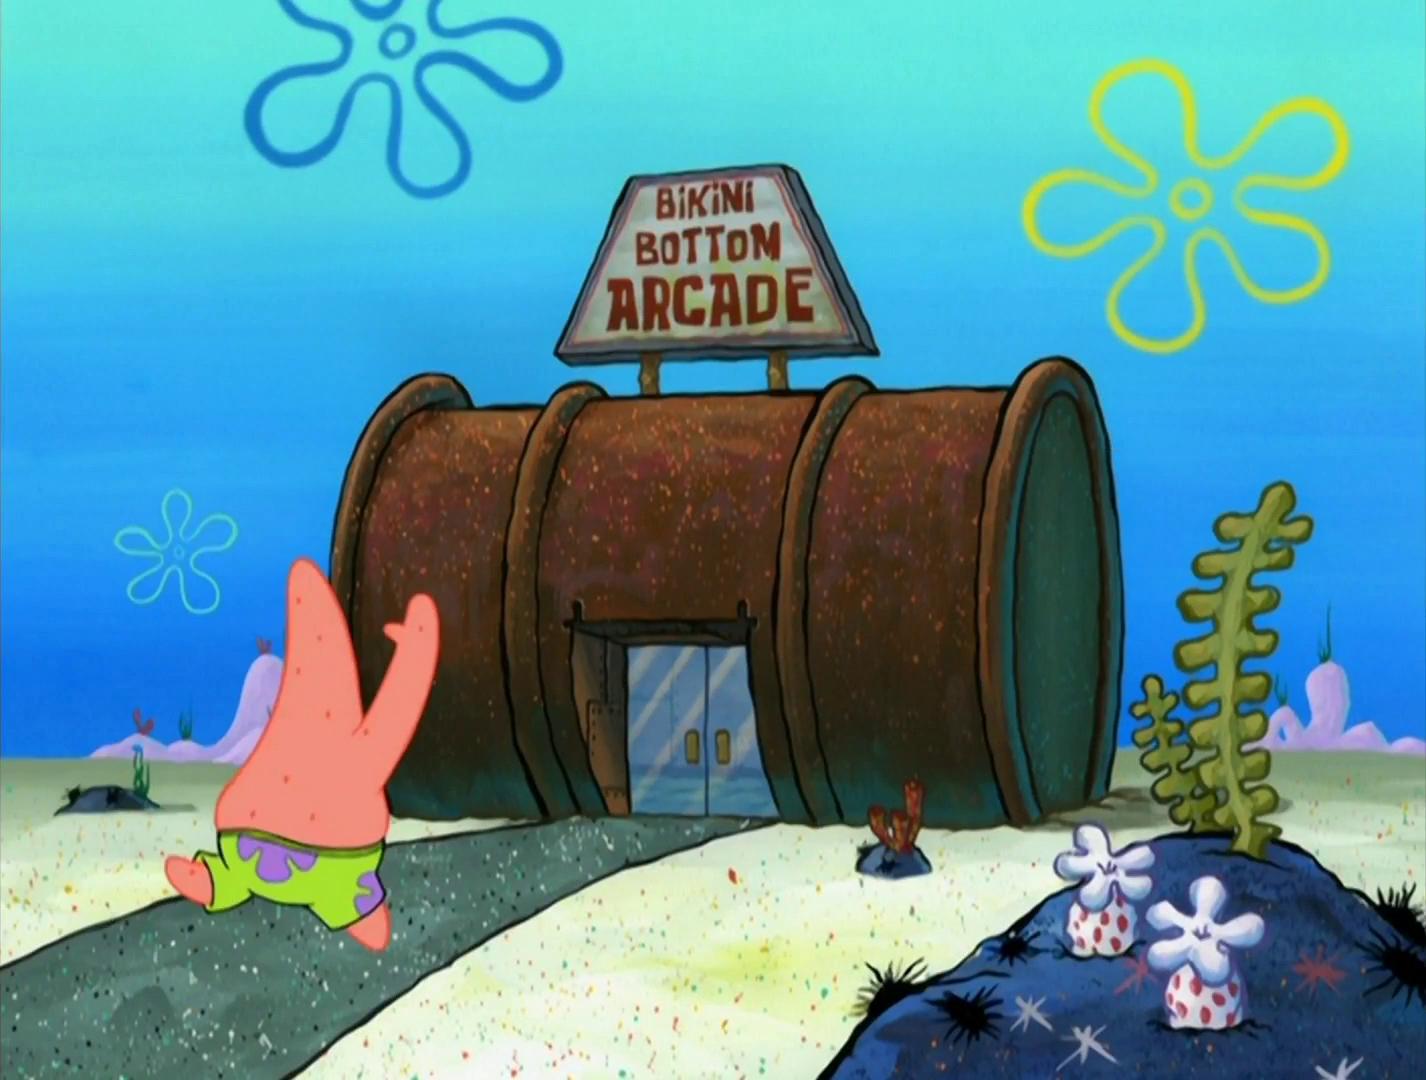 Bikini Bottom Arcade